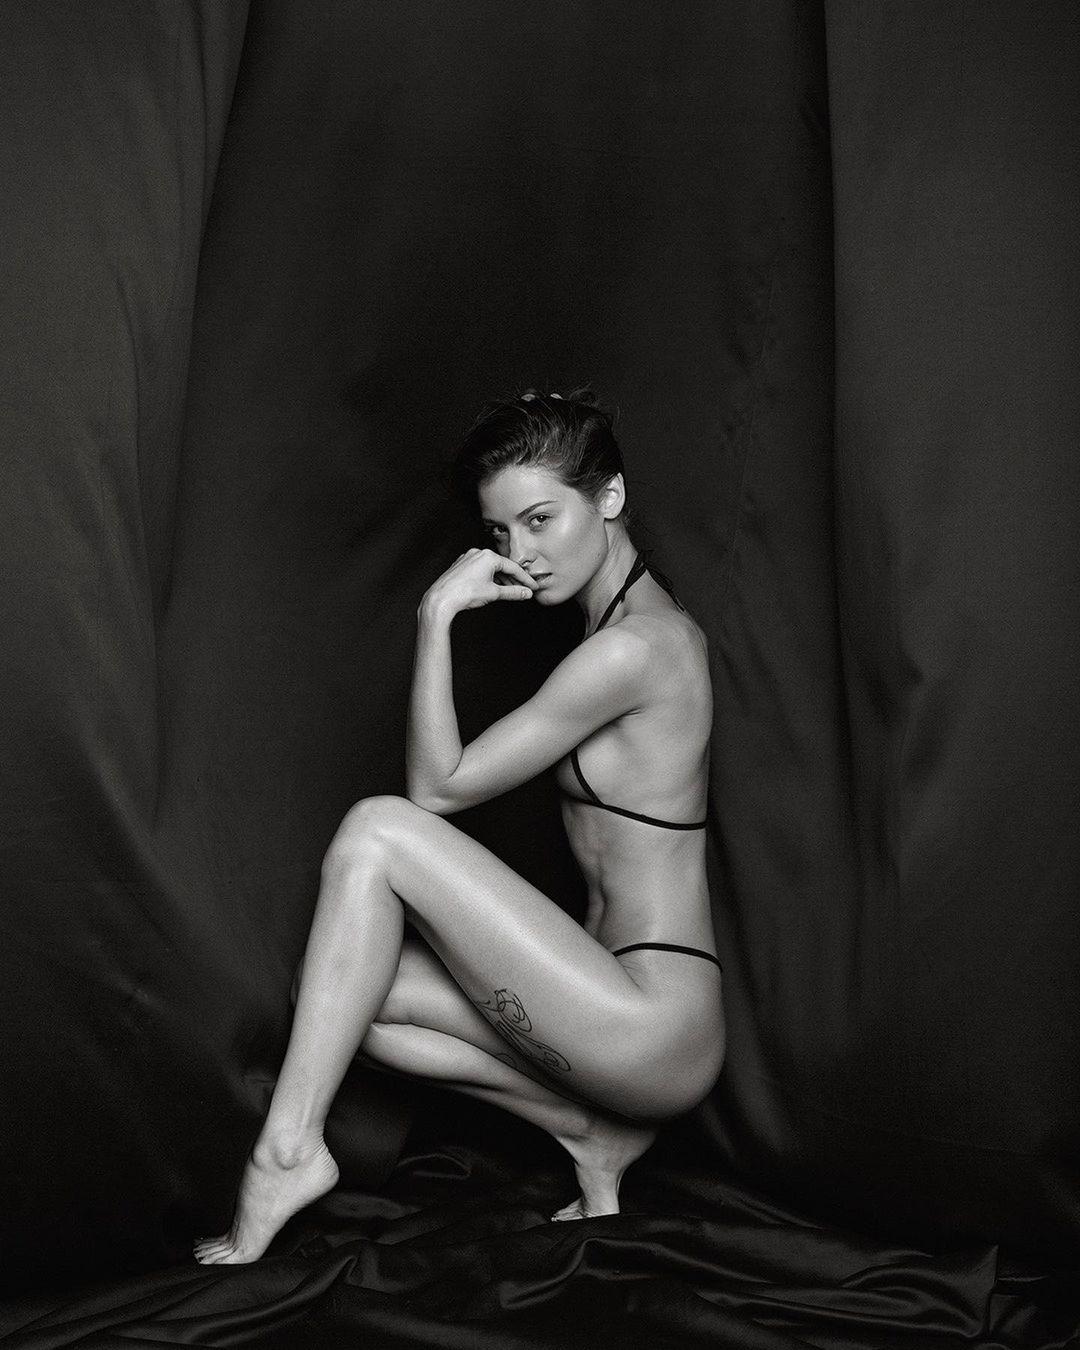 Ksenia Knyazeva by Sergey Misenko